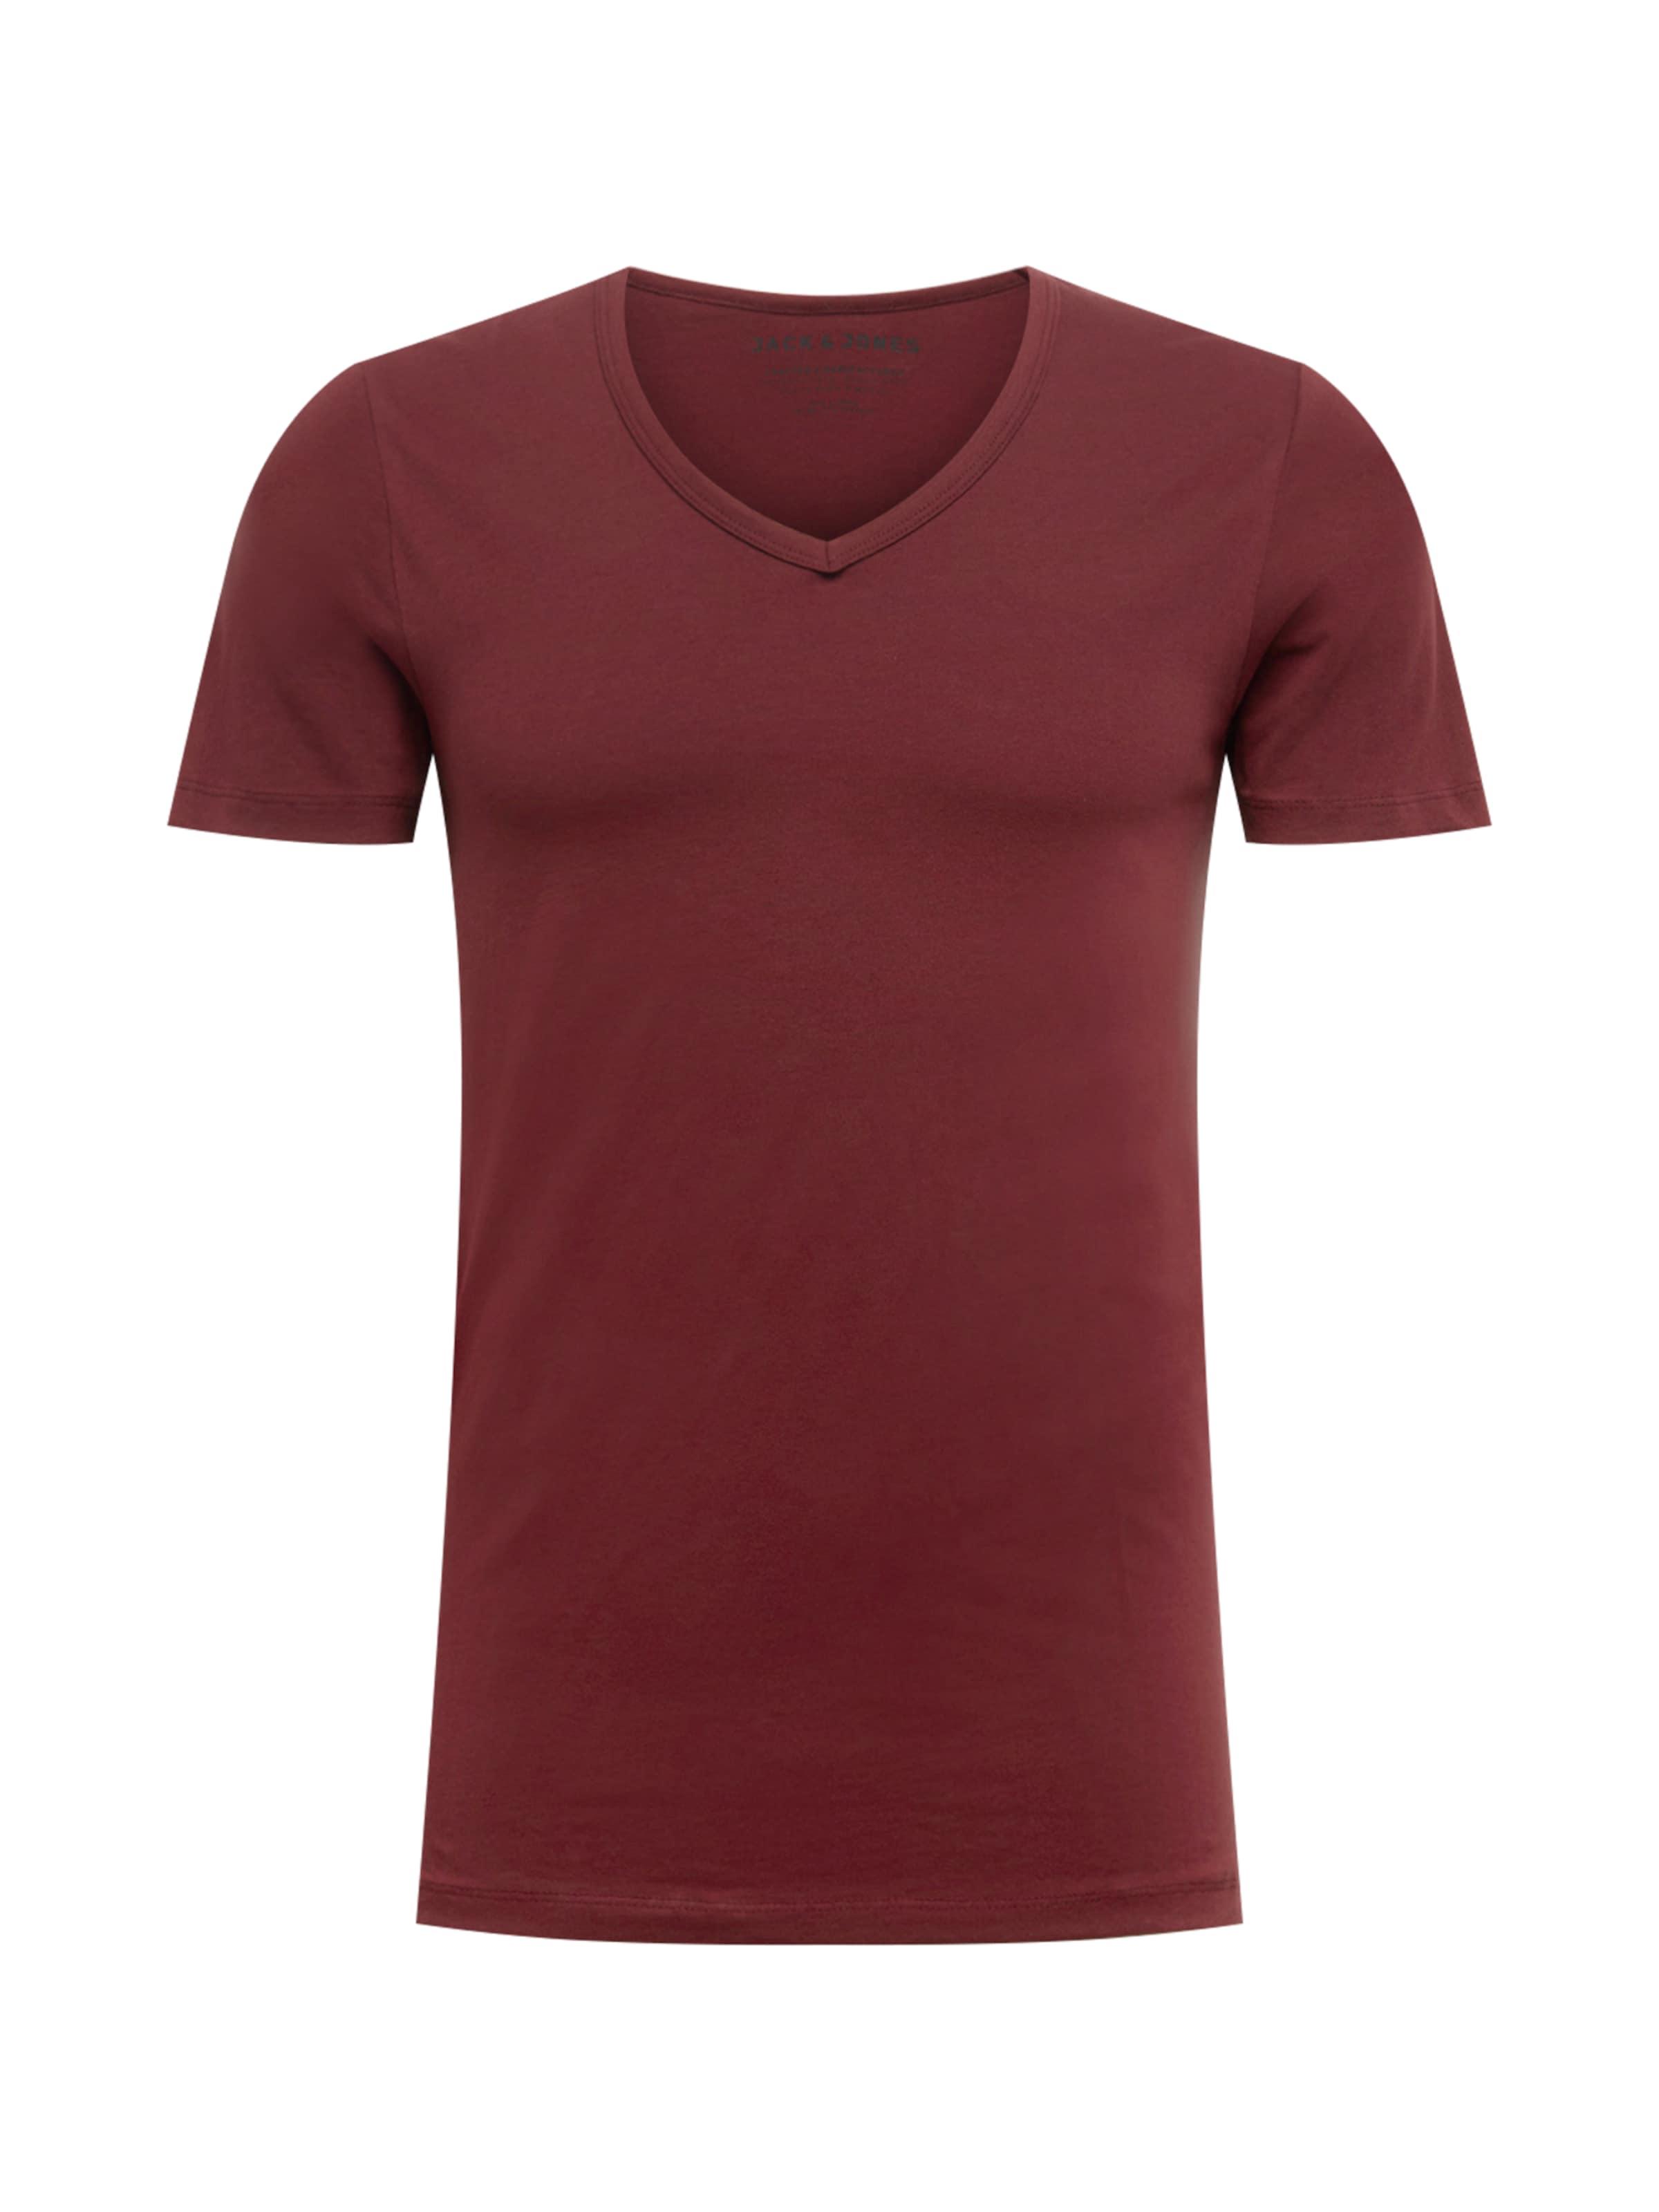 shirt En De Jones Lie Vin Jackamp; T vmn0wN8